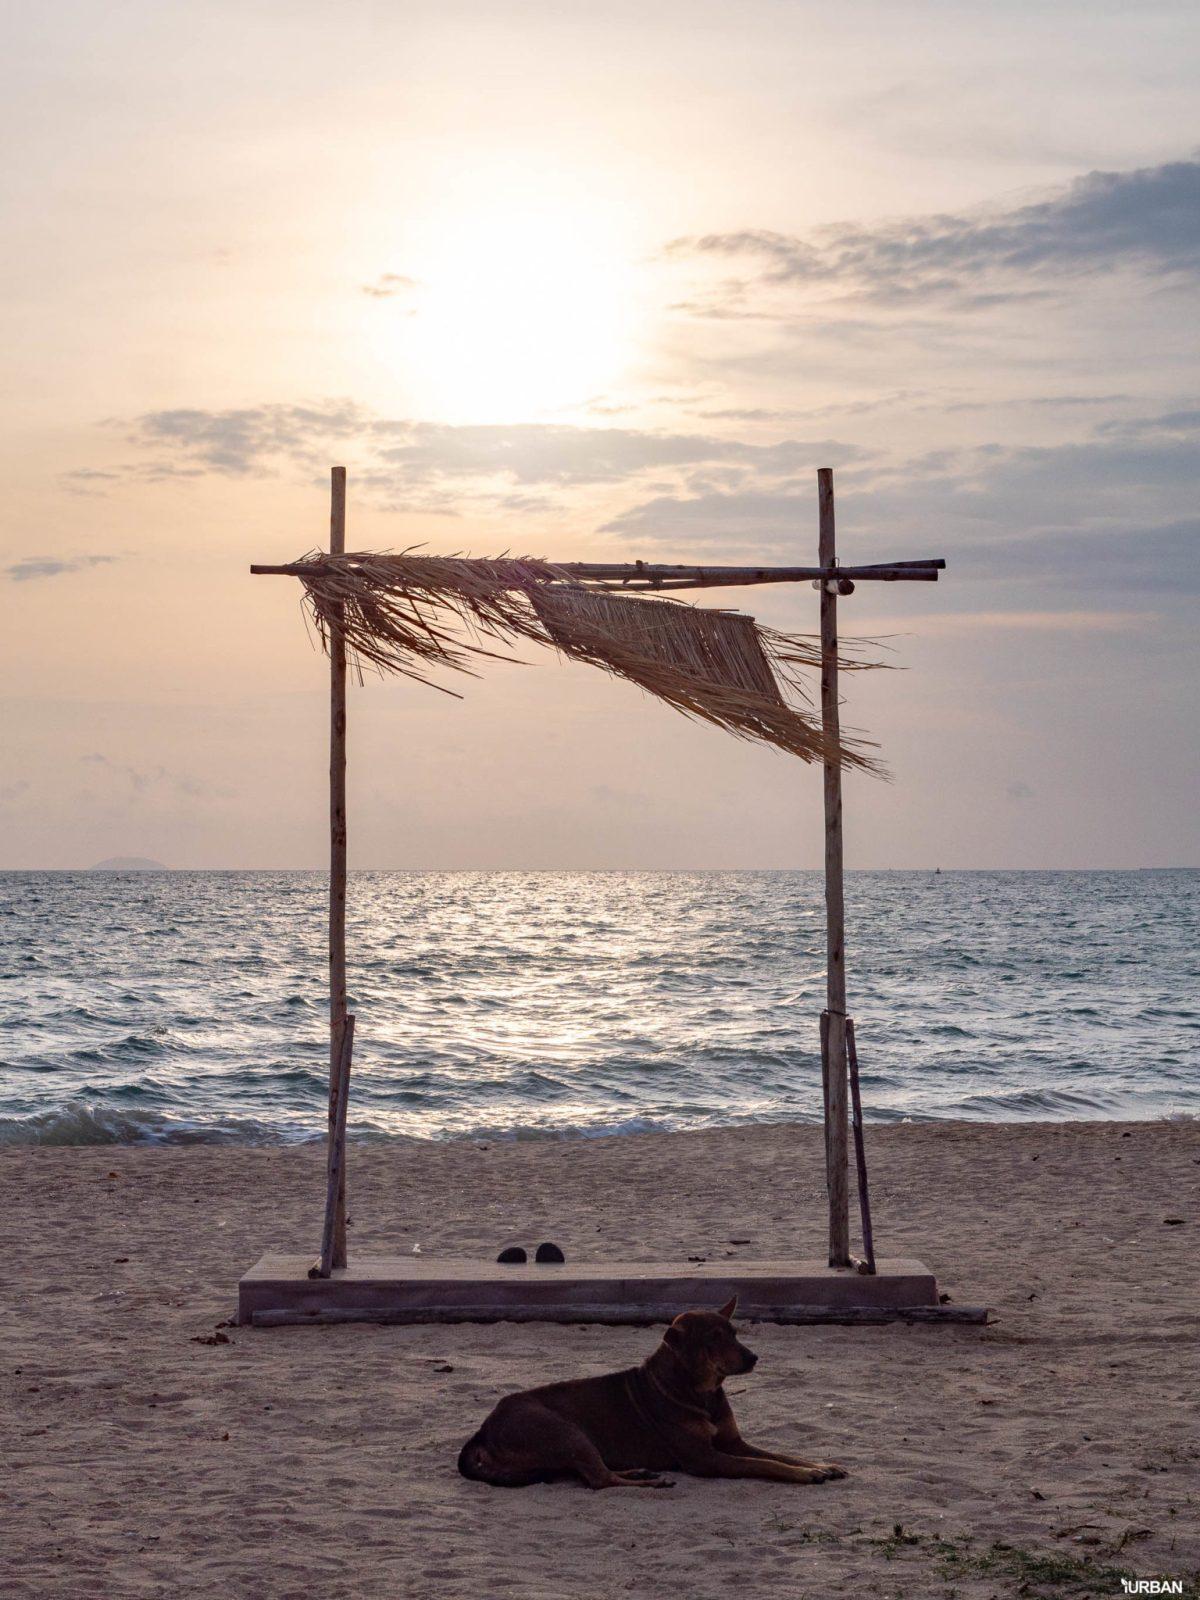 7 ชายหาดทะเลพัทยา ที่ยังสวยสะอาดน่าเที่ยวใกล้กรุงเทพ ไม่ต้องหนีร้อนไปไกล ก็พักได้ ชิลๆ 126 - Beach